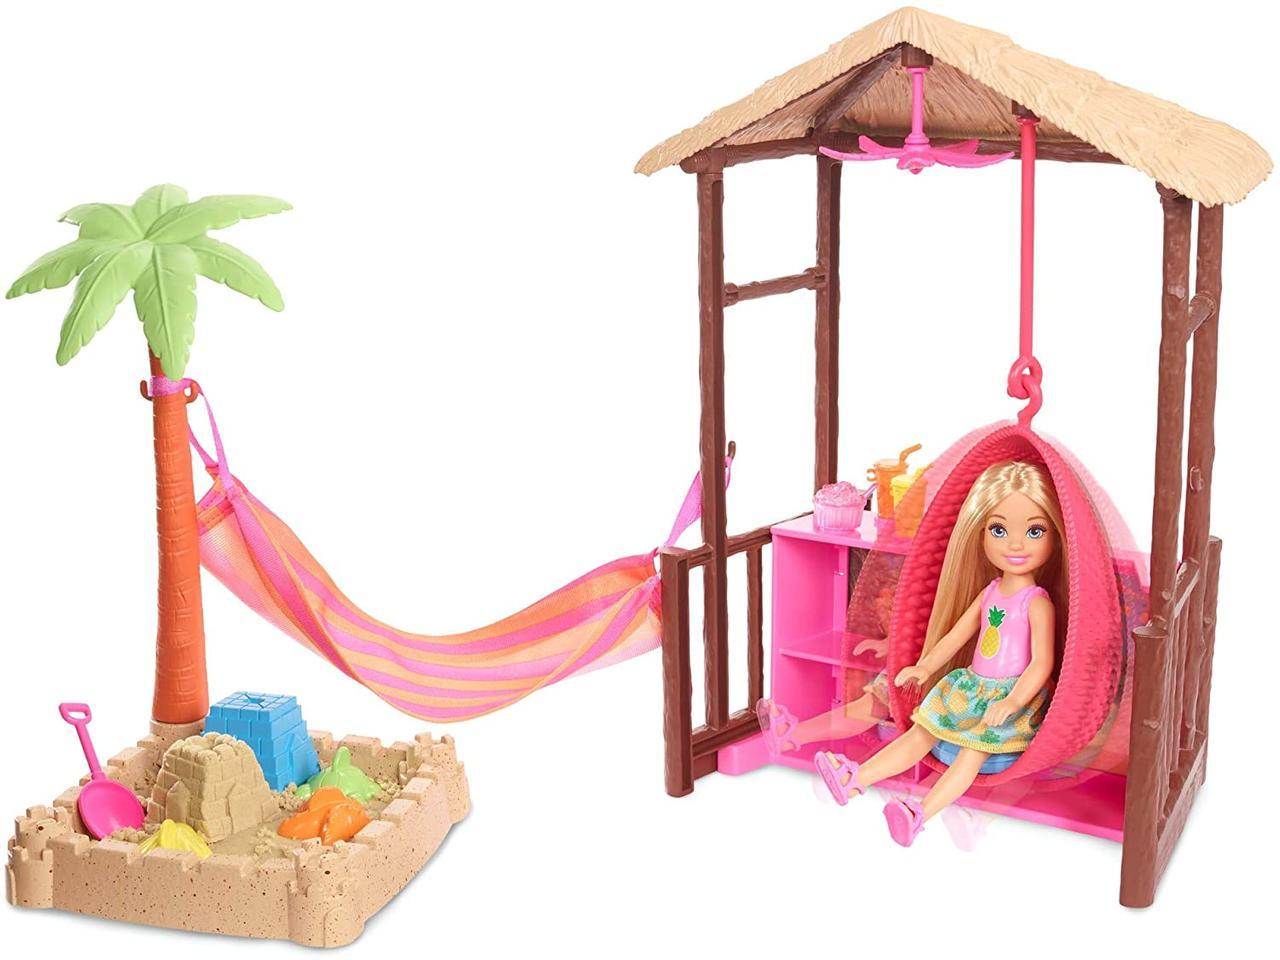 Игровой набор Barbie пляжный домик Челси Barbie Club Chelsea and Tiki Hut